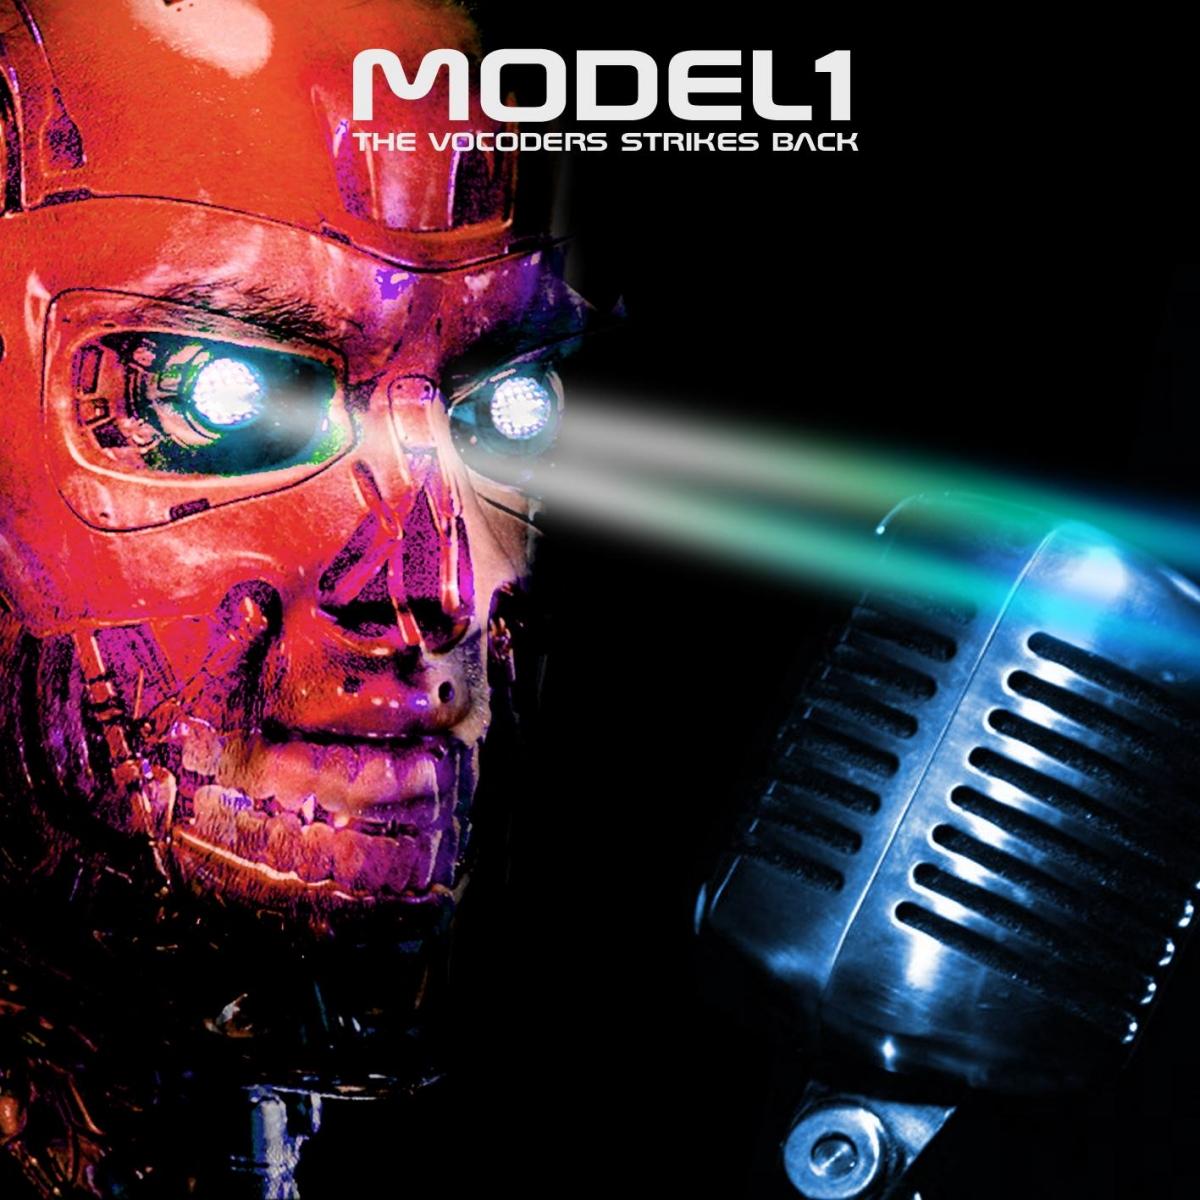 Model1, The Vocoders Strikes Back